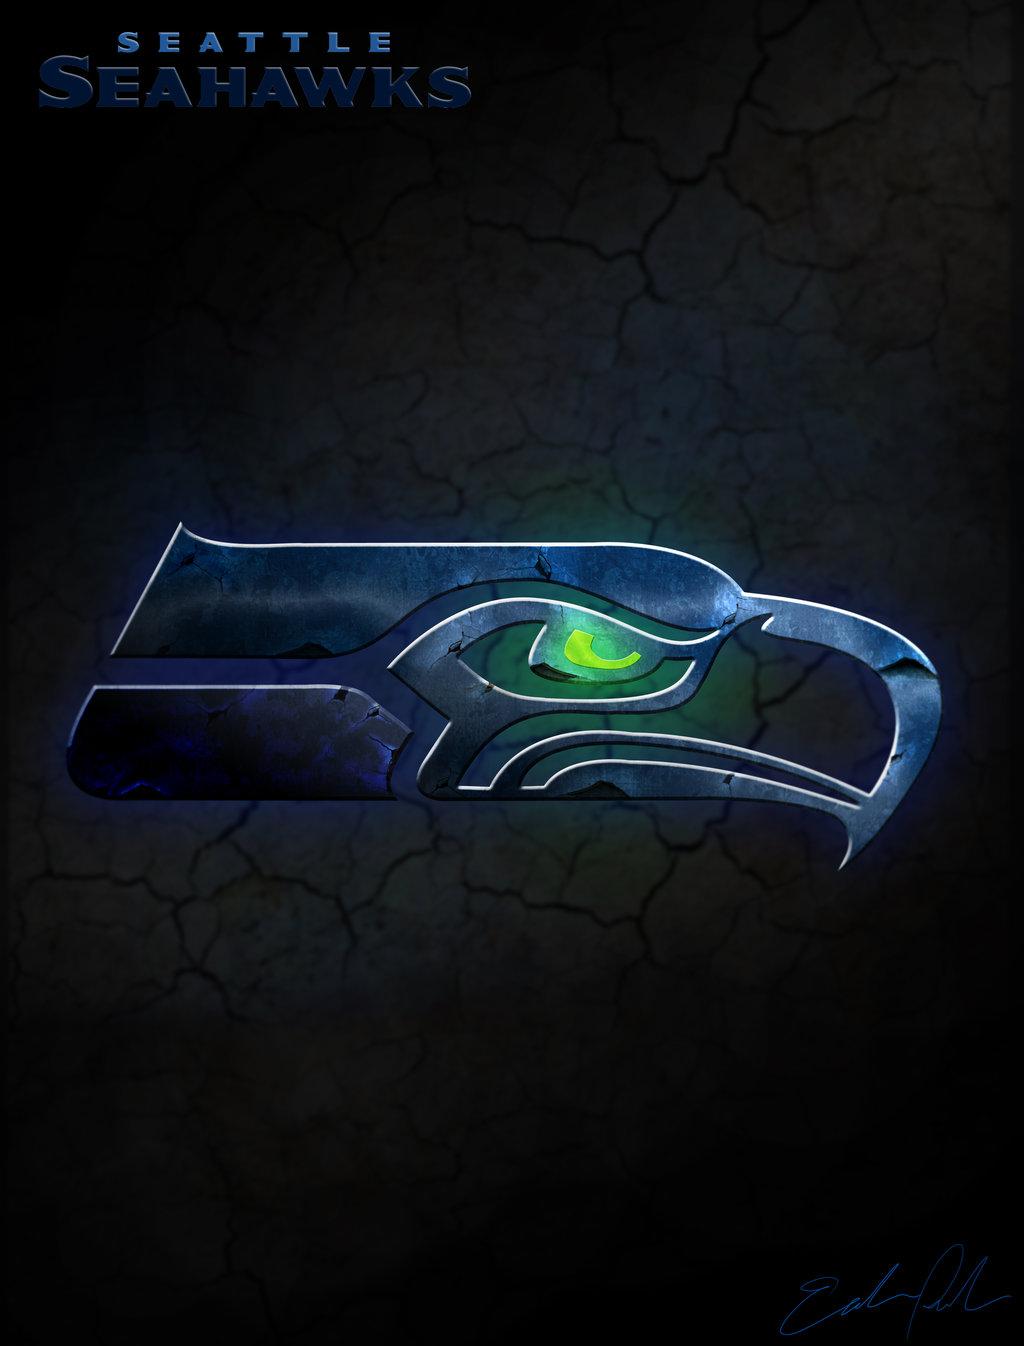 Free Download Seahawks Logo Wallpaper 2013 Seattle